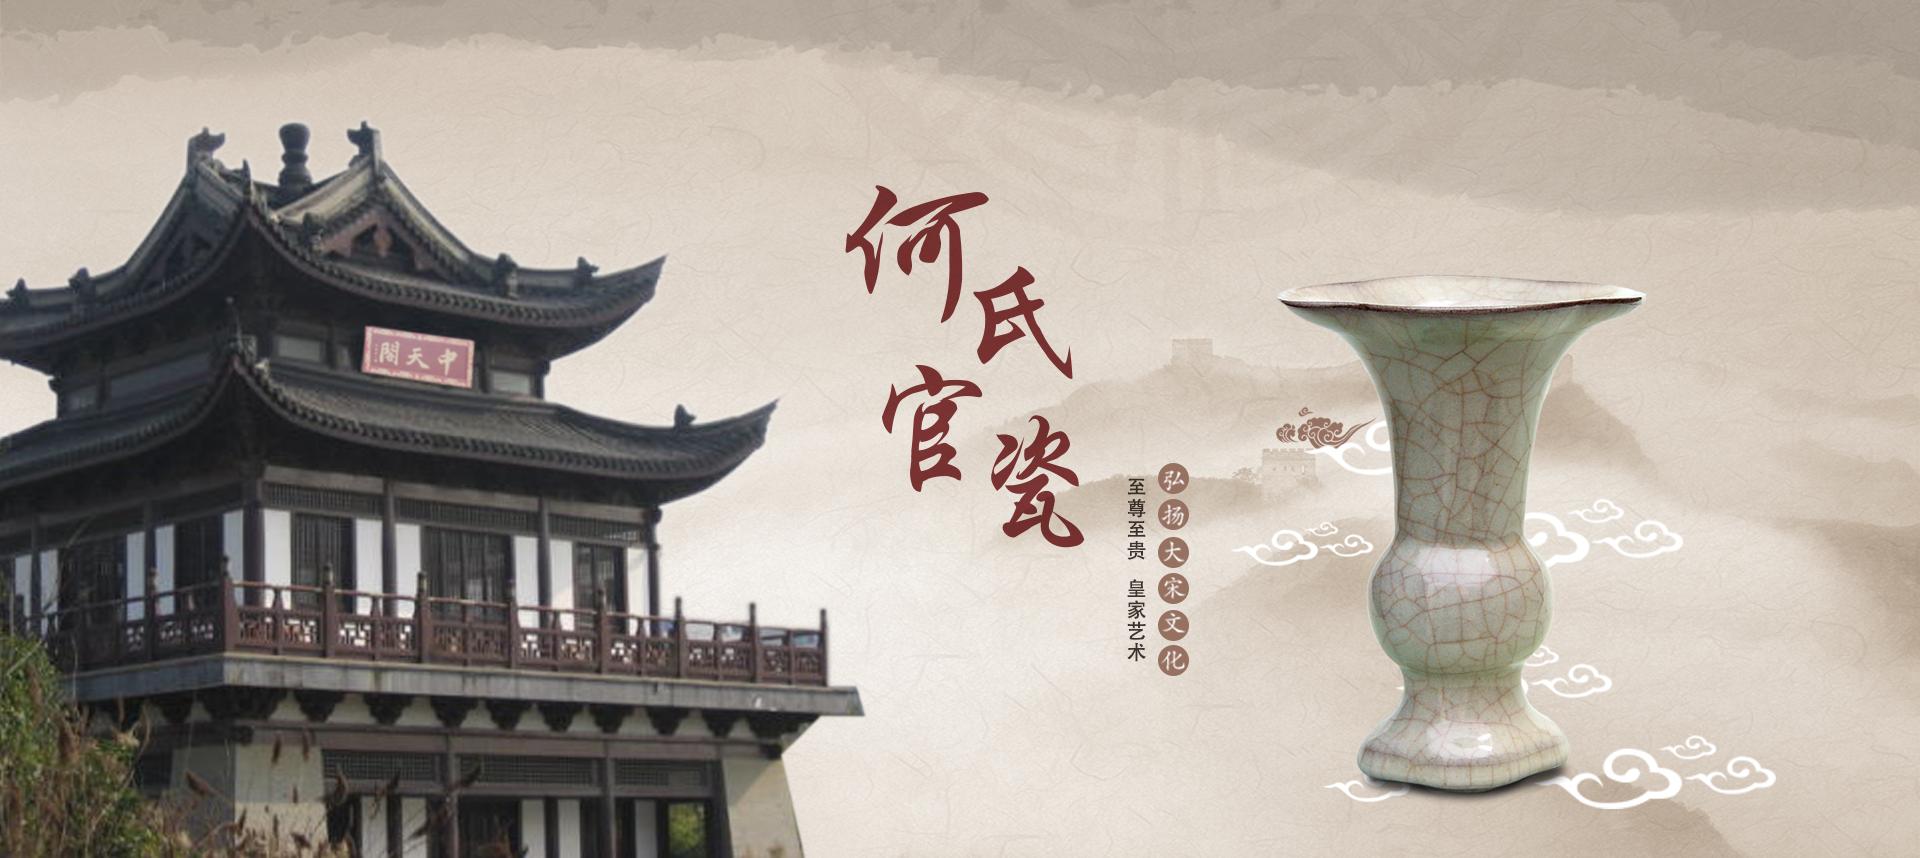 北宋官瓷,开封北宋官瓷,北宋官瓷价格